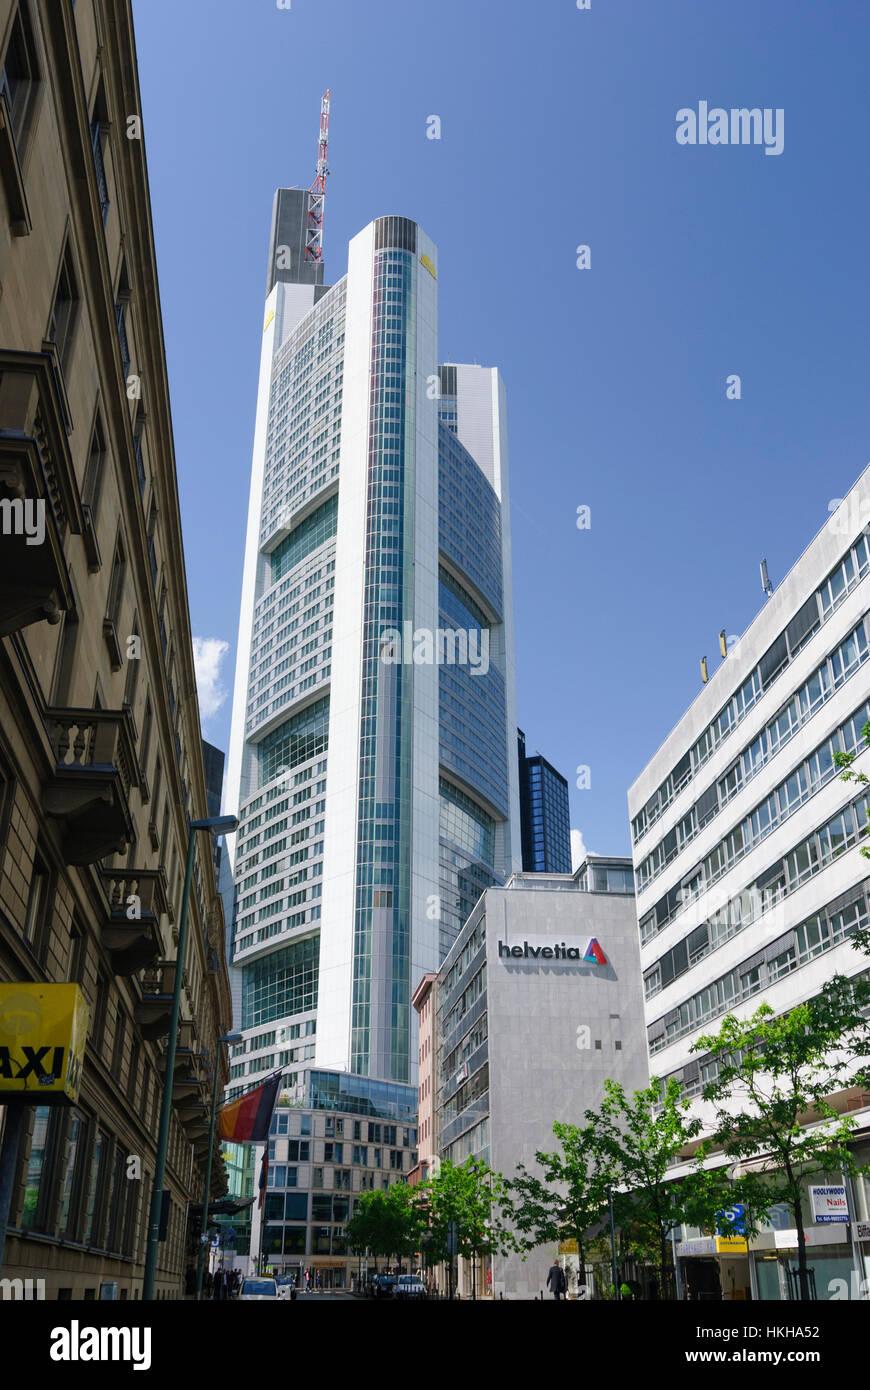 Frankfurt am Main: Commerzbank Tower, Banken, Hessen, Hesse, Germany Stock Photo